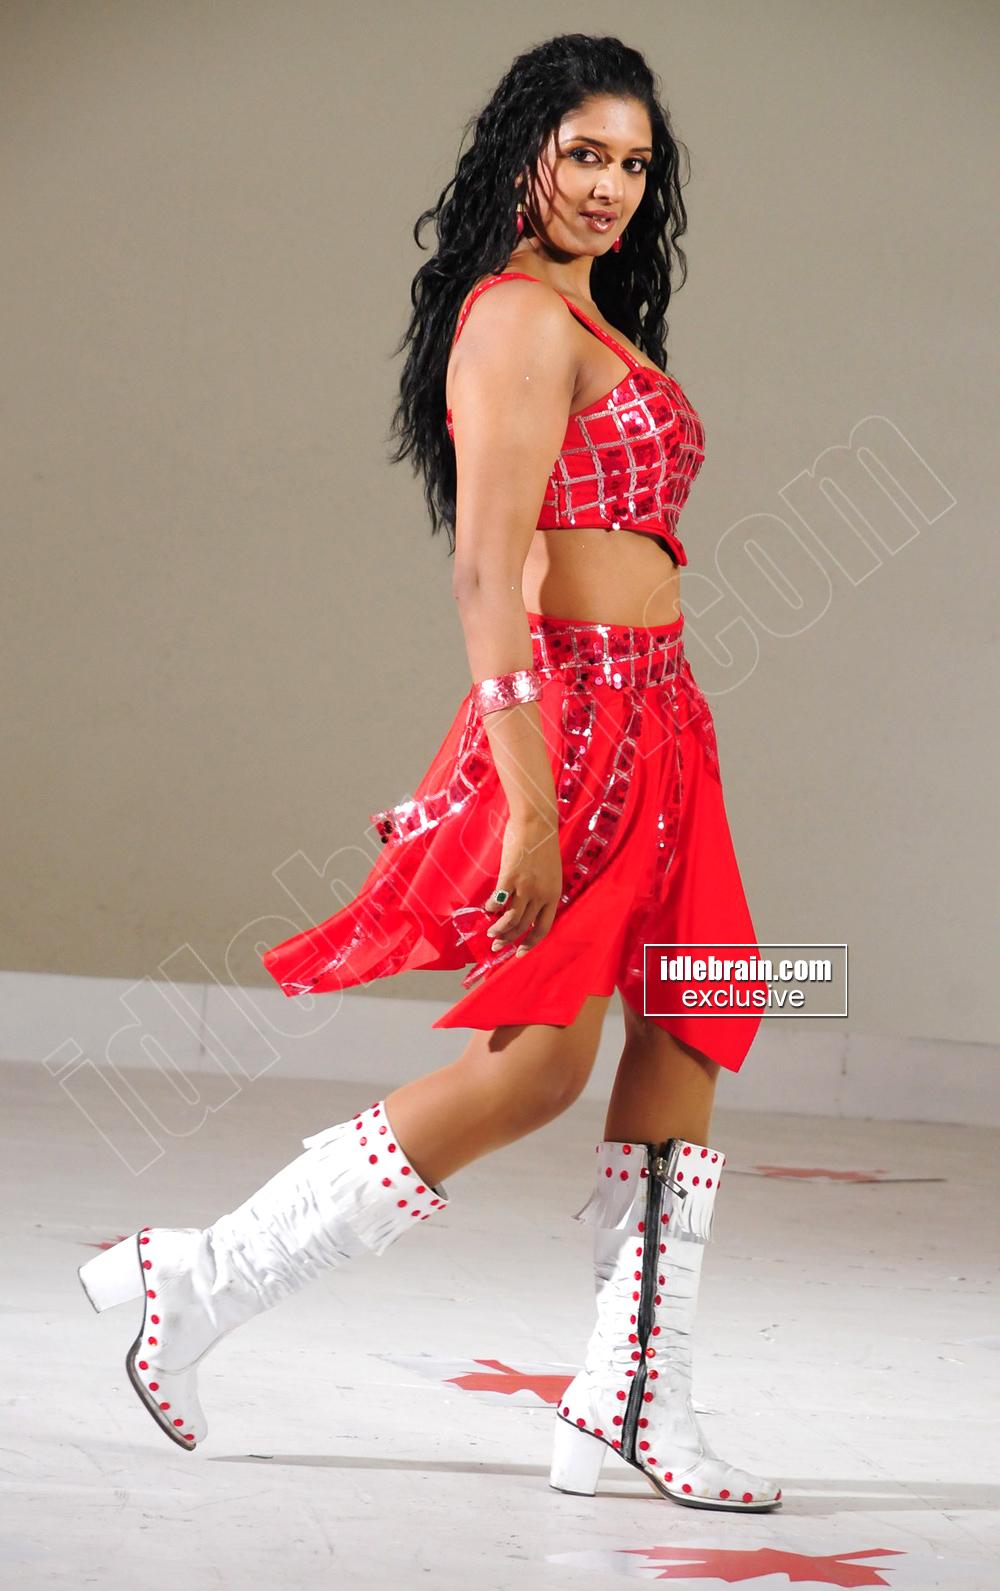 Slicypics Indian Actress Tamanna Bhatia Photos: HOT INDIAN ACTRESS BLOG: Masala Hot Telugu Movie Actress